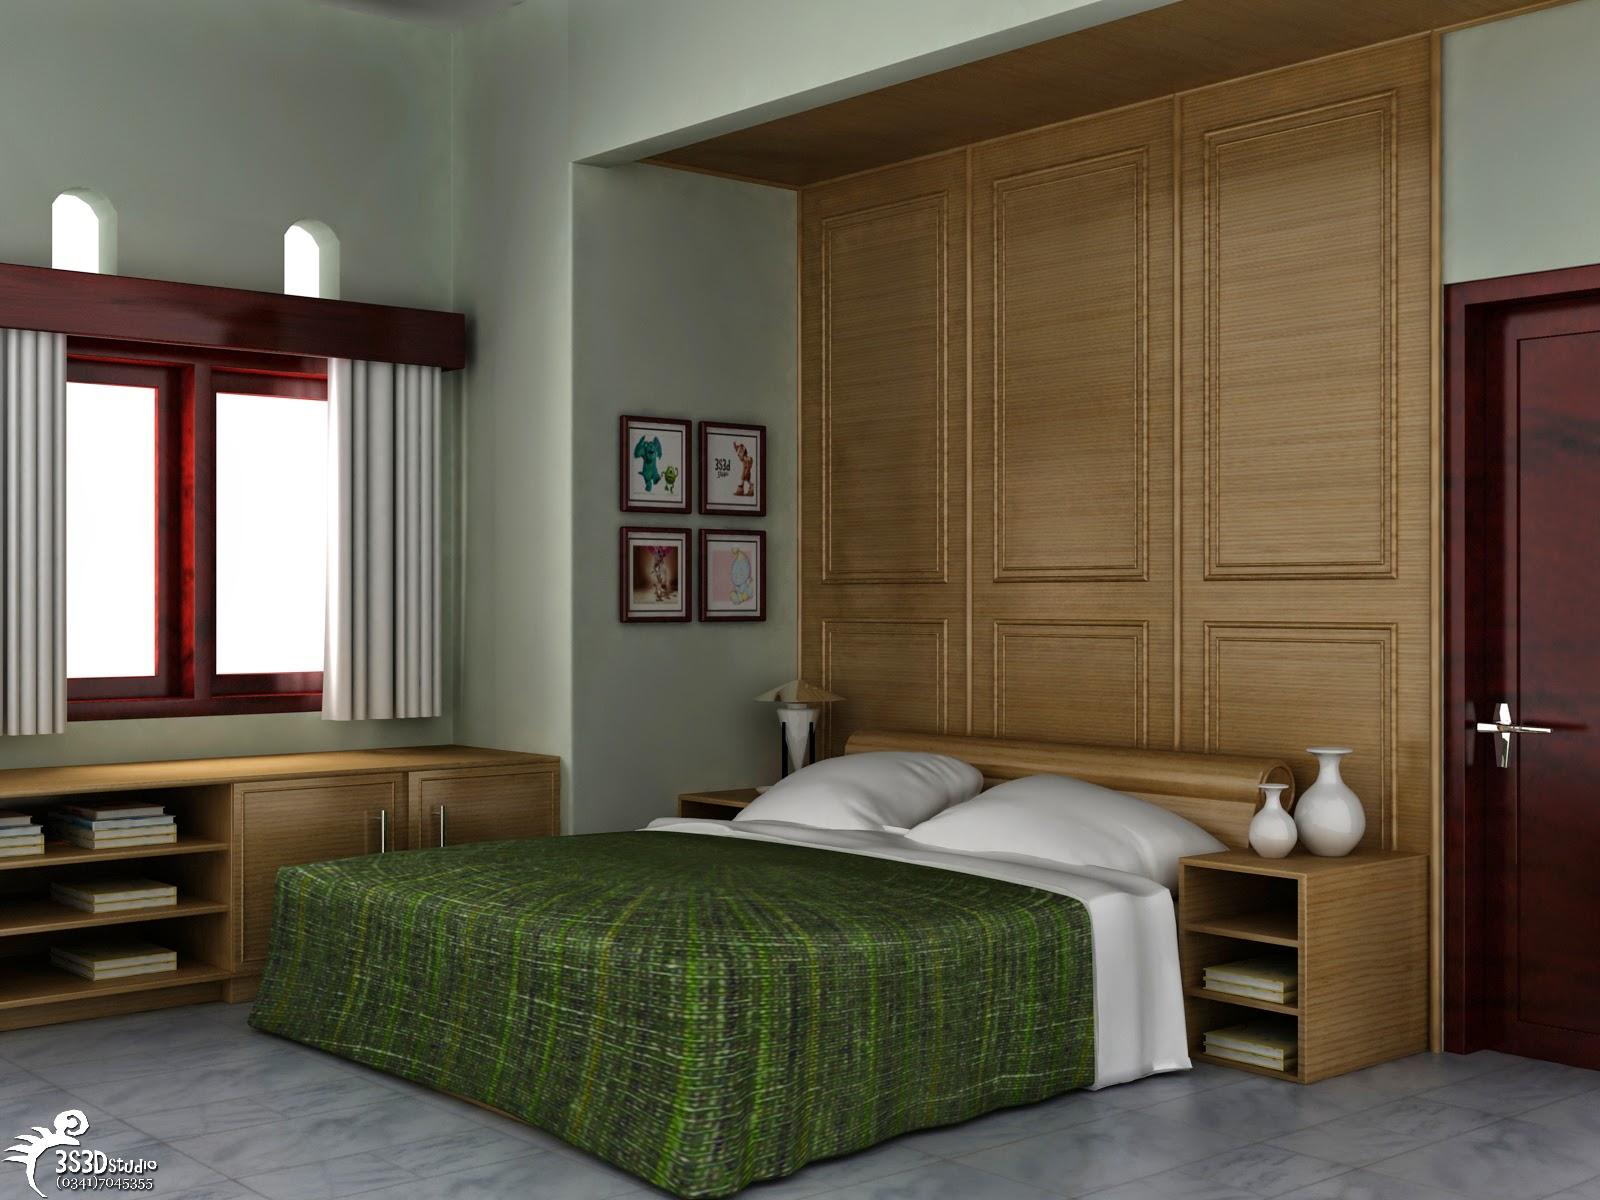 Model Desain Interior Kamar Tidur Yang Nyaman Rumah